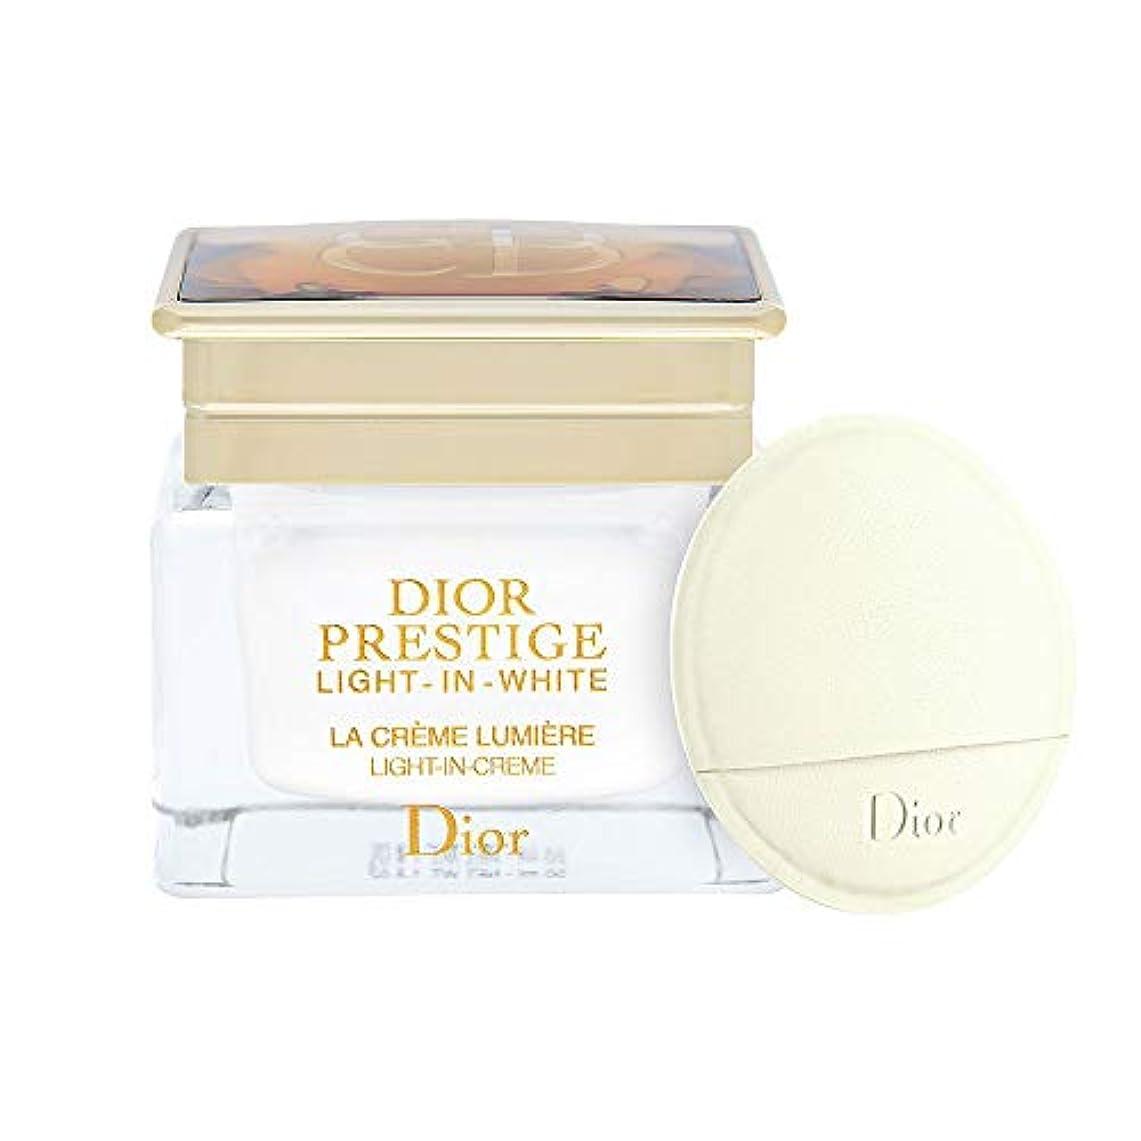 乱気流汚物おじさんディオール(Dior) プレステージ ホワイト ラ クレーム ルミエール 50ml [並行輸入品]